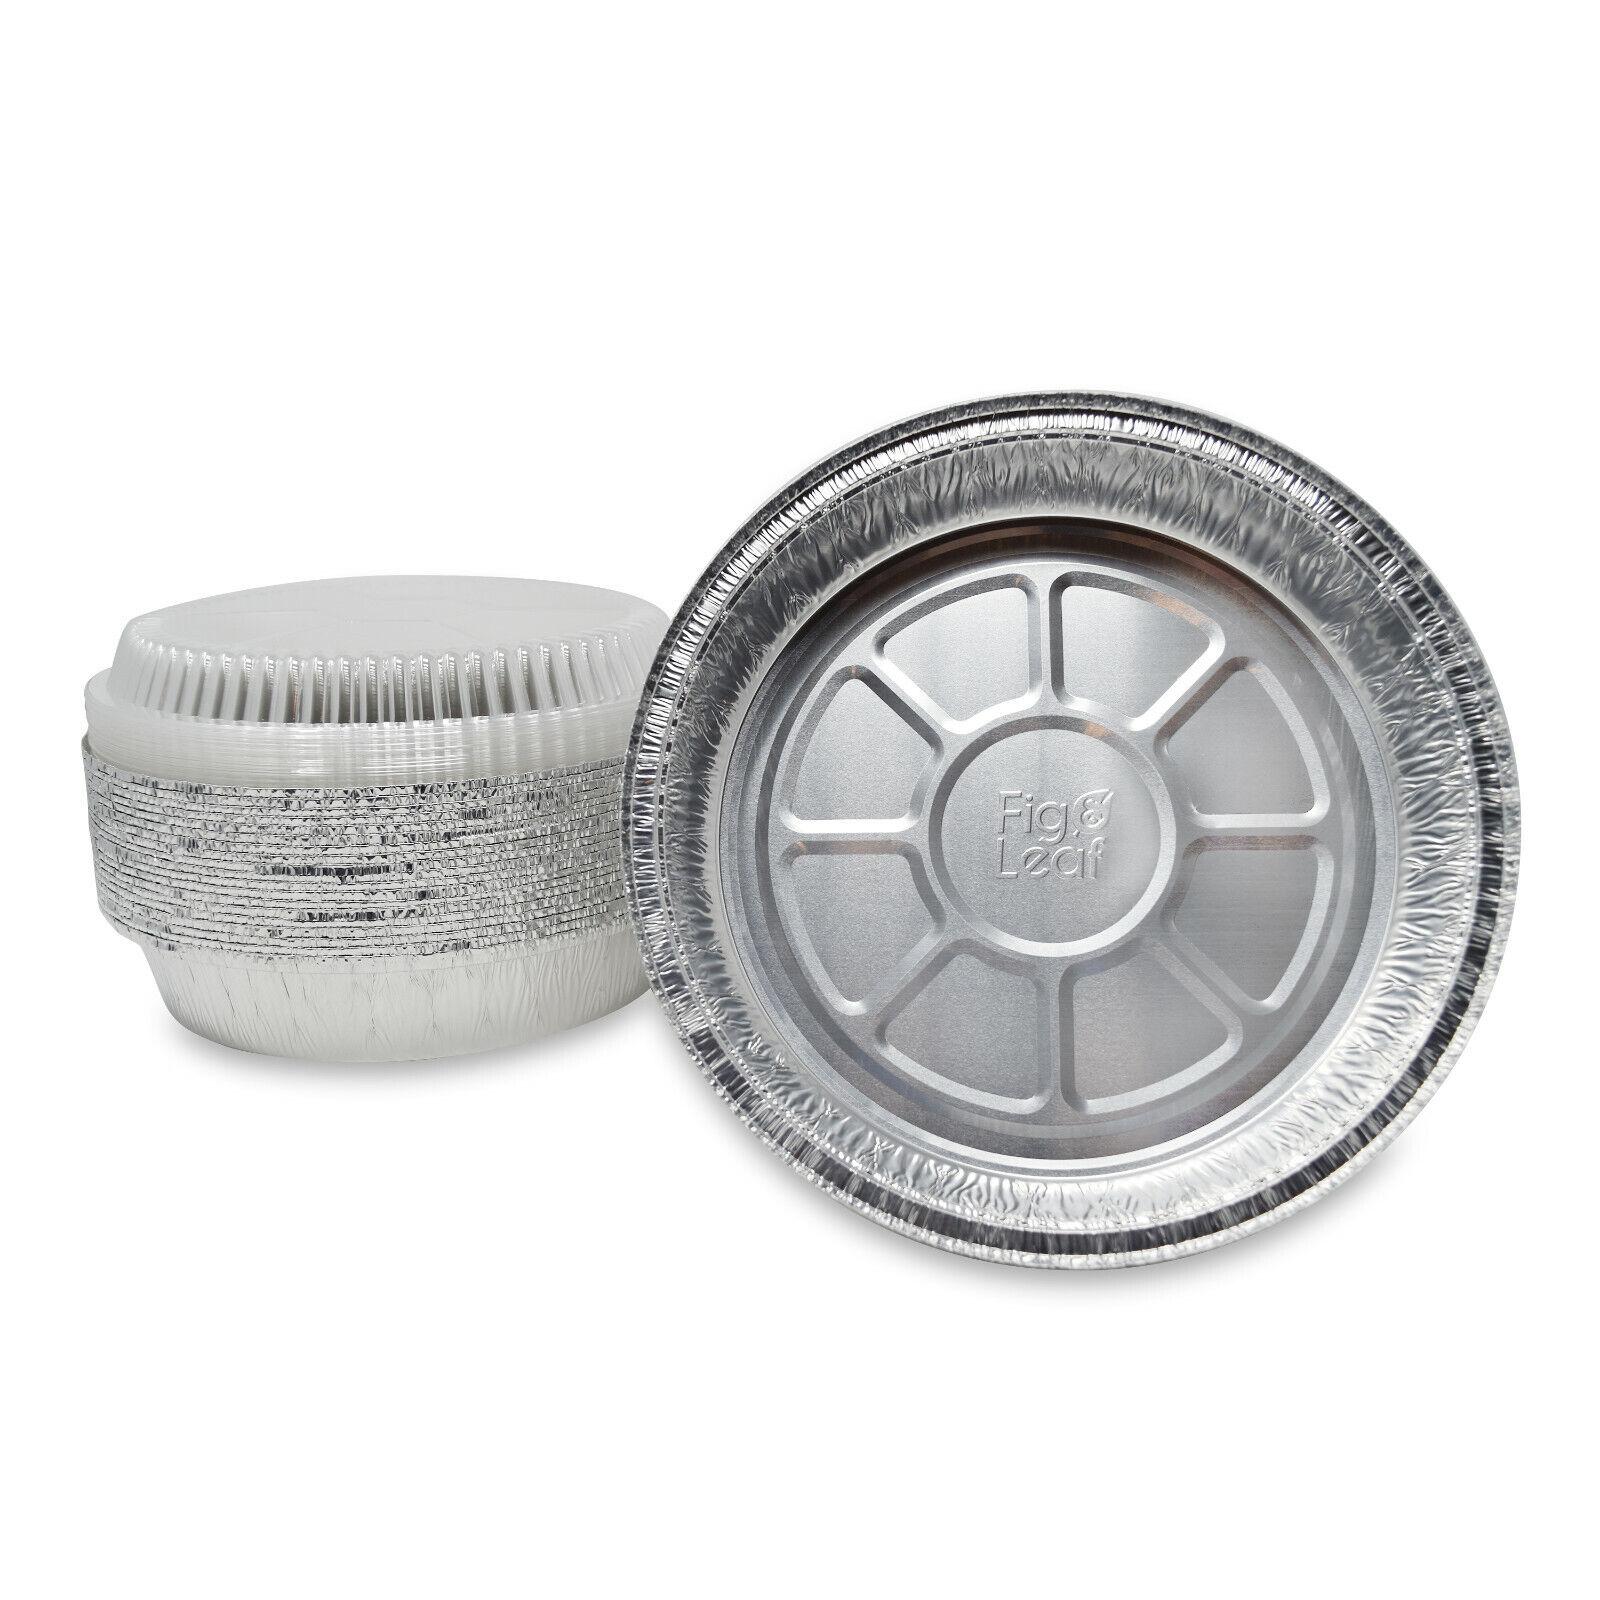 100PCS Half-Size Shallow Aluminum Foil Pans with Dome Lid HFA 320